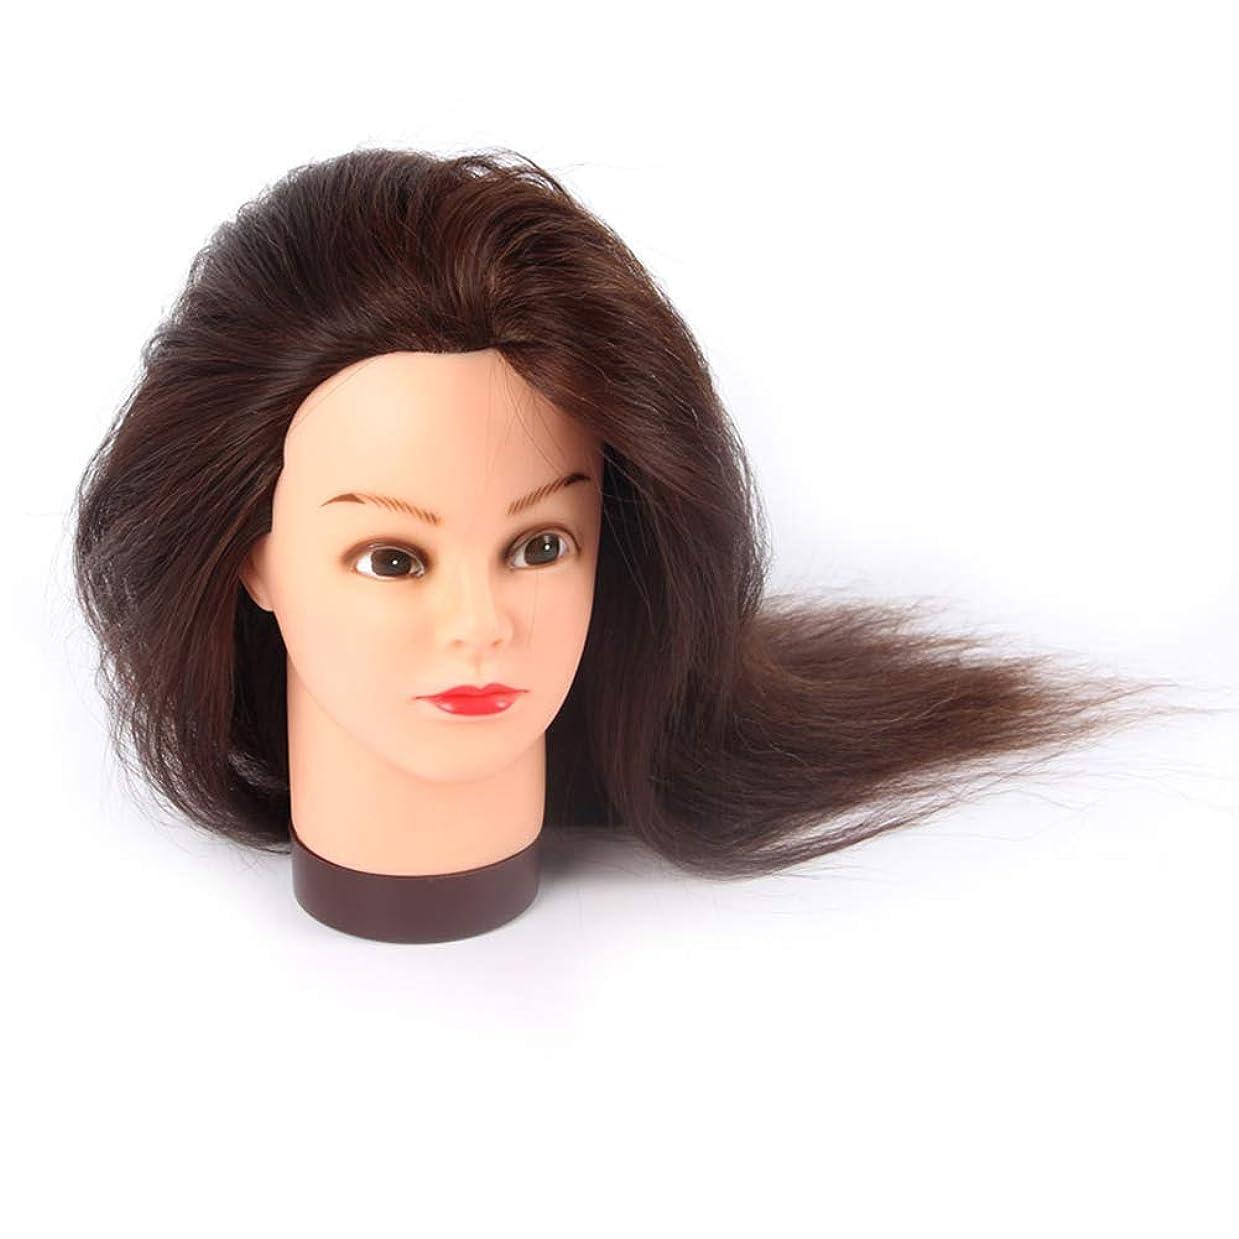 統合する一致自己リアルヘア熱いロール指導ヘッド理髪店学習パーマ髪染めダミーヘッド花嫁メイクモデリングマネキンヘッド